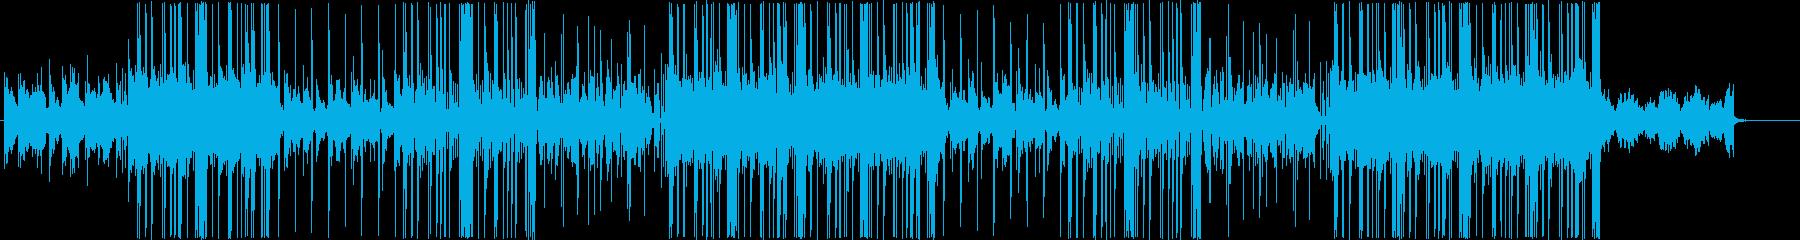 ローファイ、チルアウト、R&Bビート♪の再生済みの波形